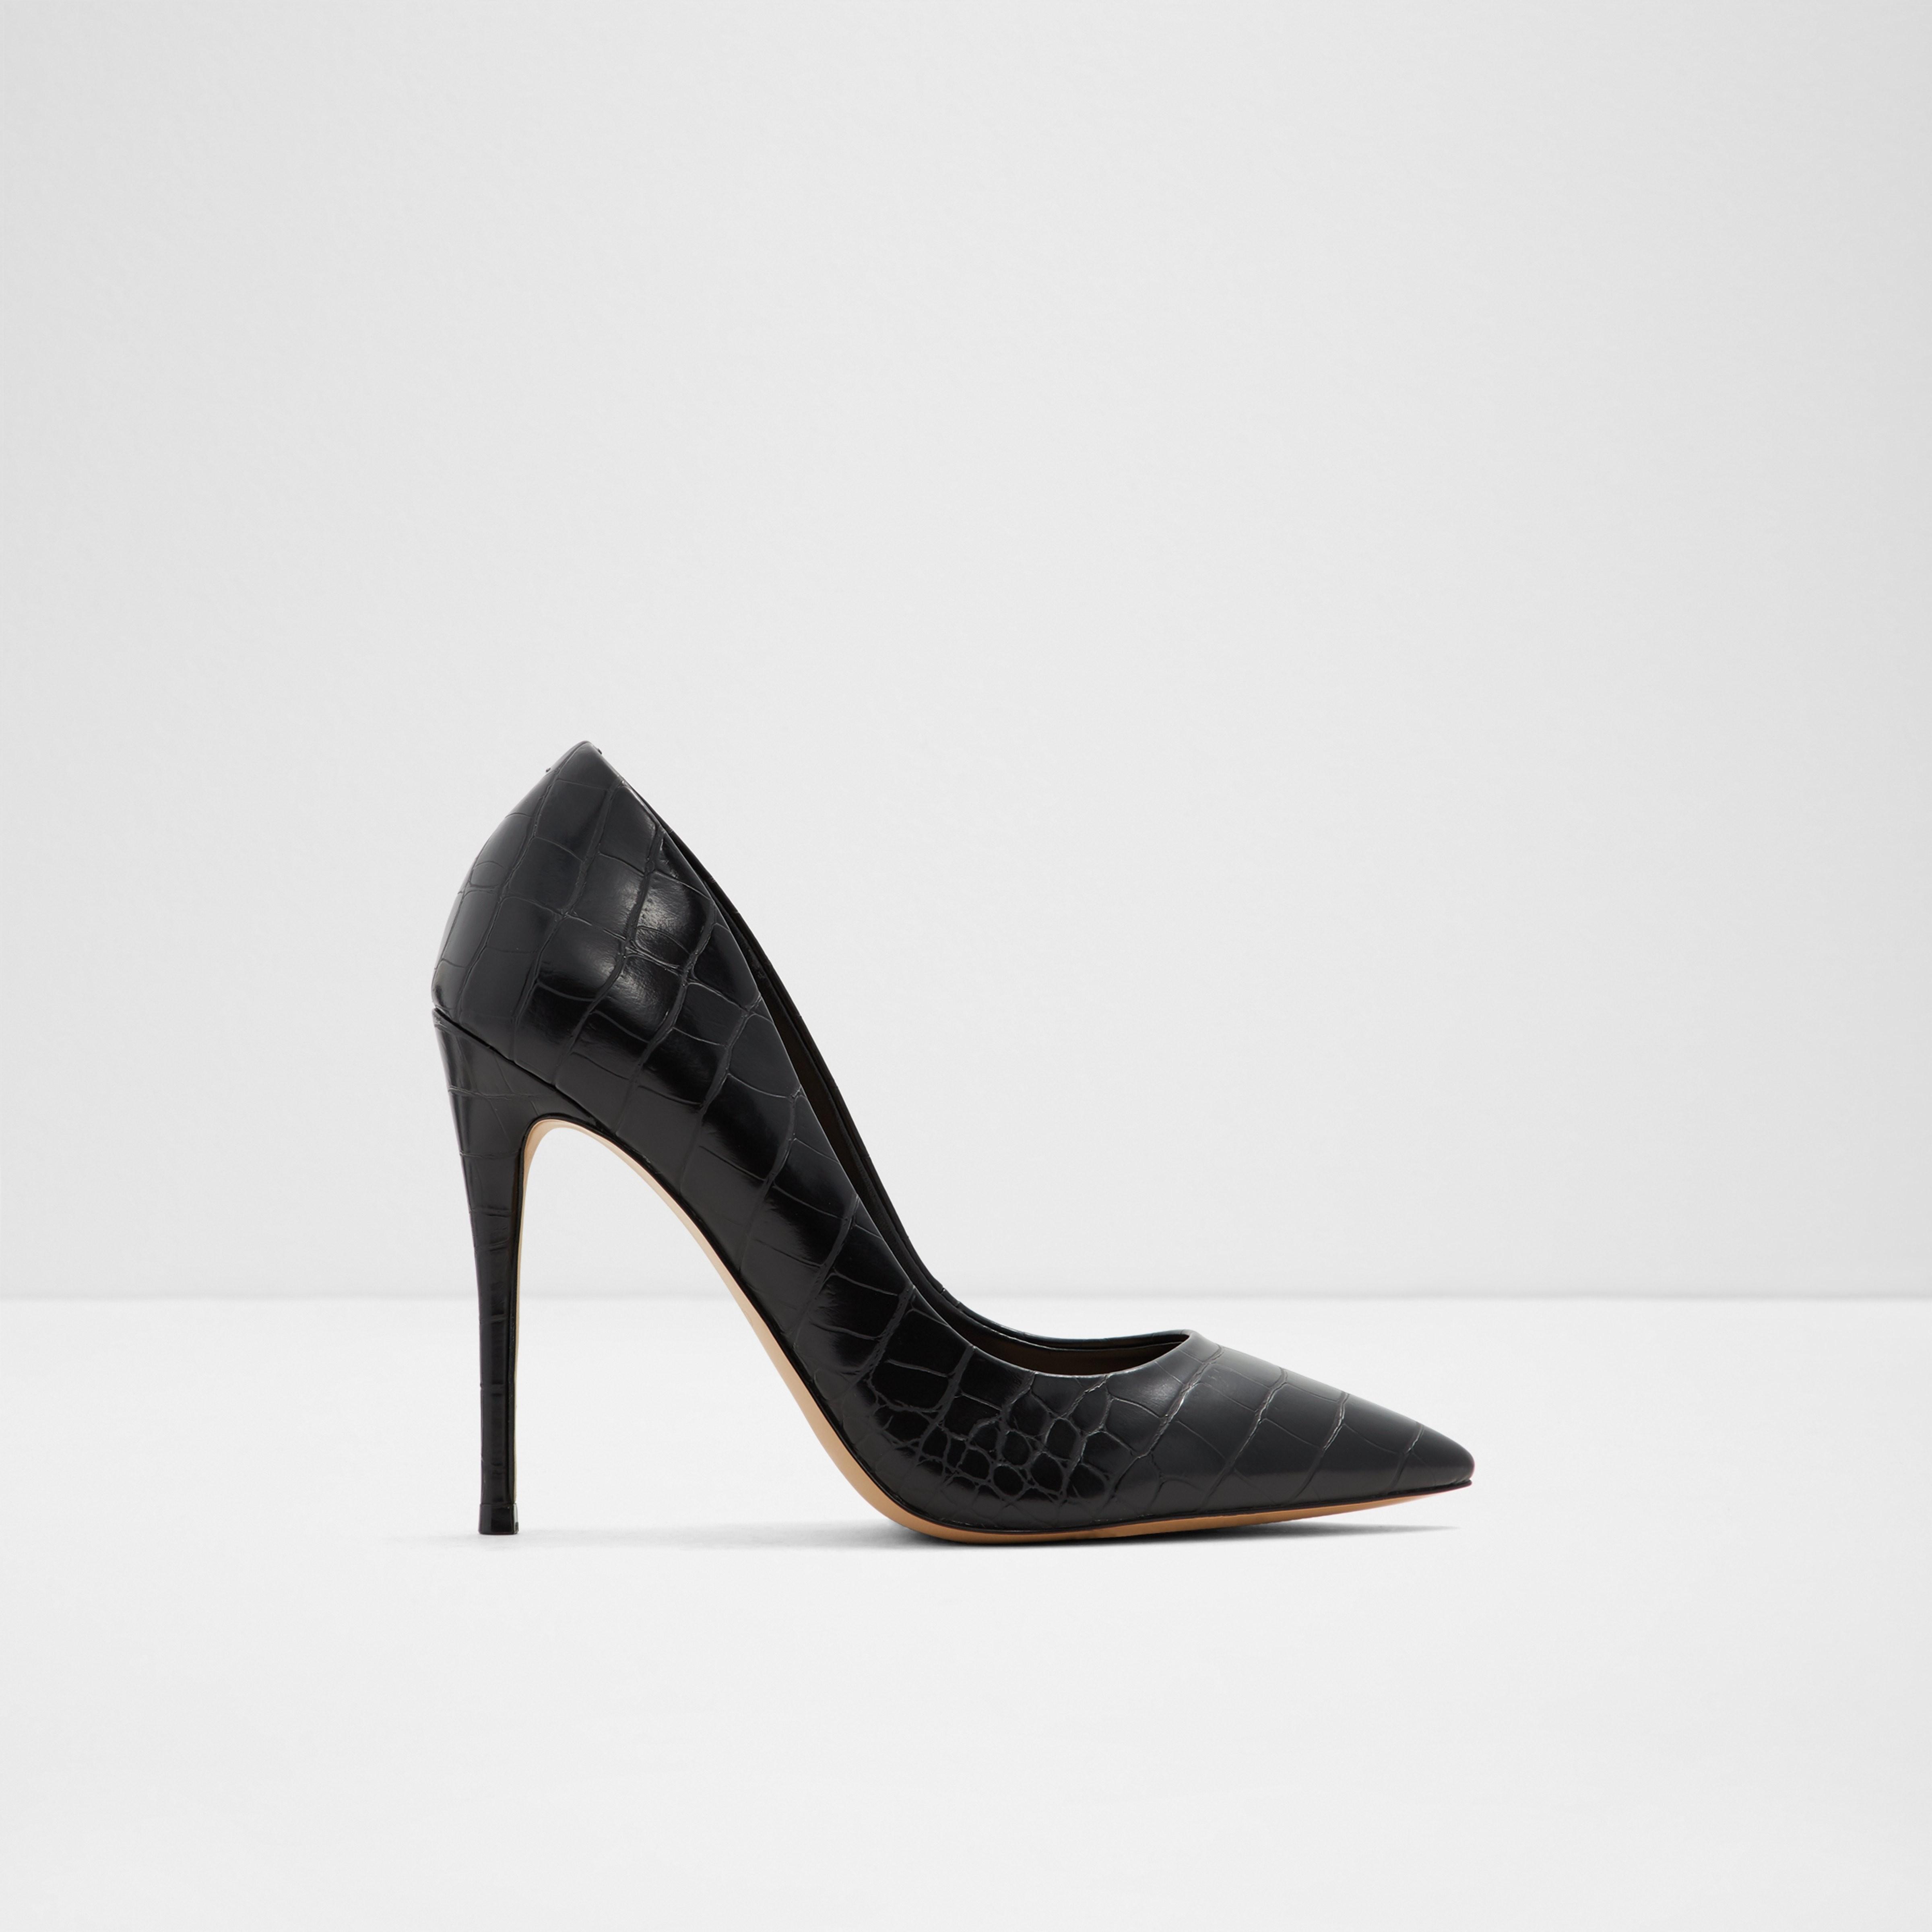 san francisco cost scăzut vânzări cu ridicata Pantofi negri, Stessy_001, din piele ecologica | ALDO Romania